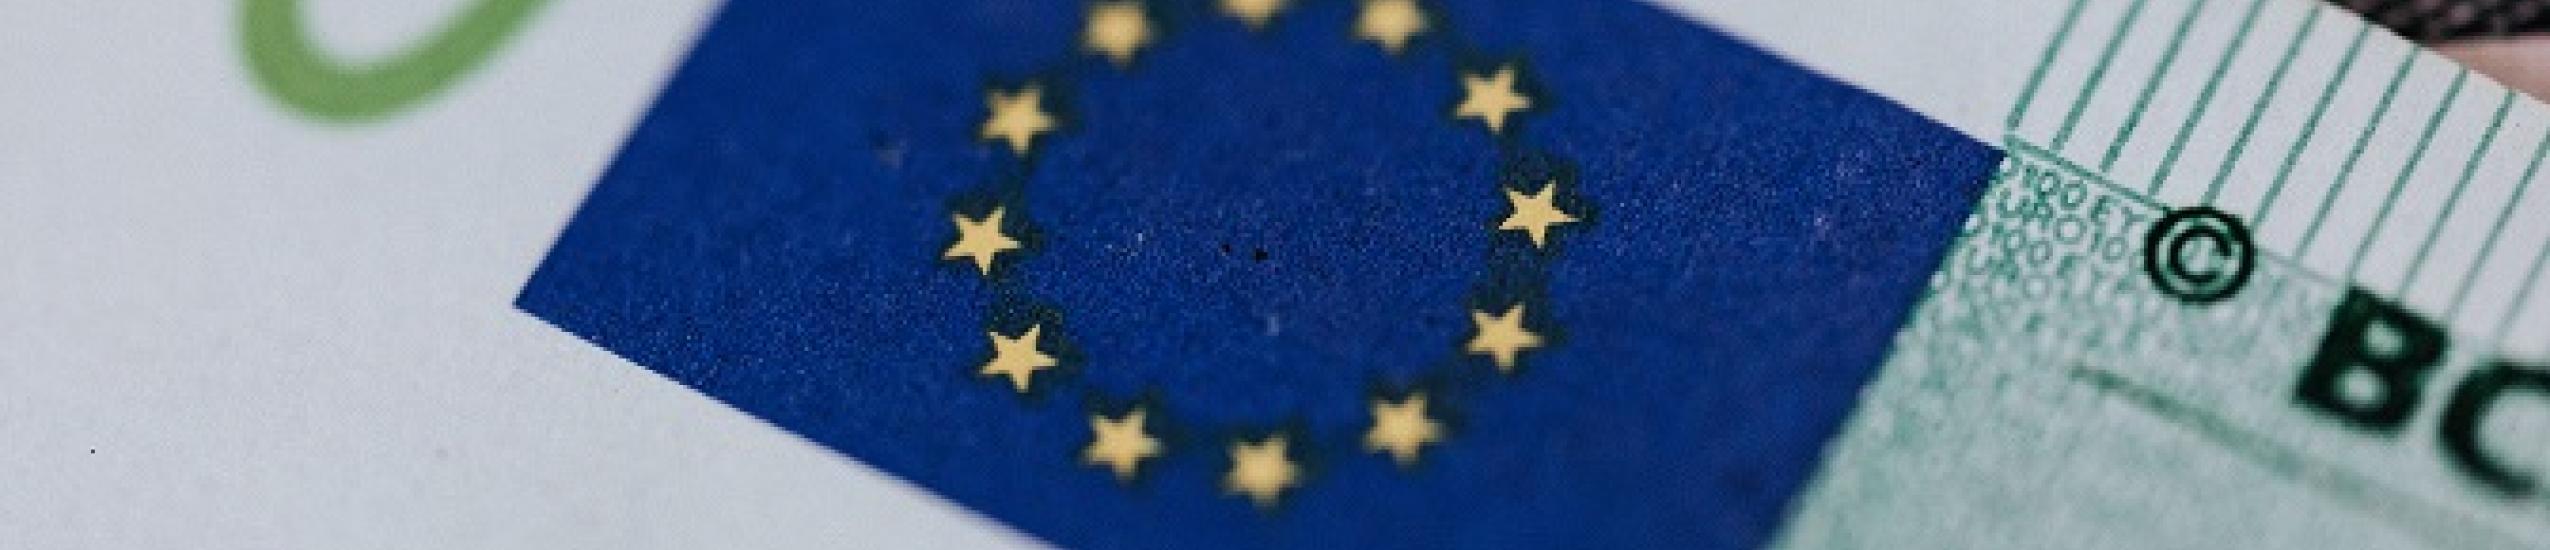 Al via Erasmus+ 2021, il programma UE per istruzione, formazione, gioventù e sport.